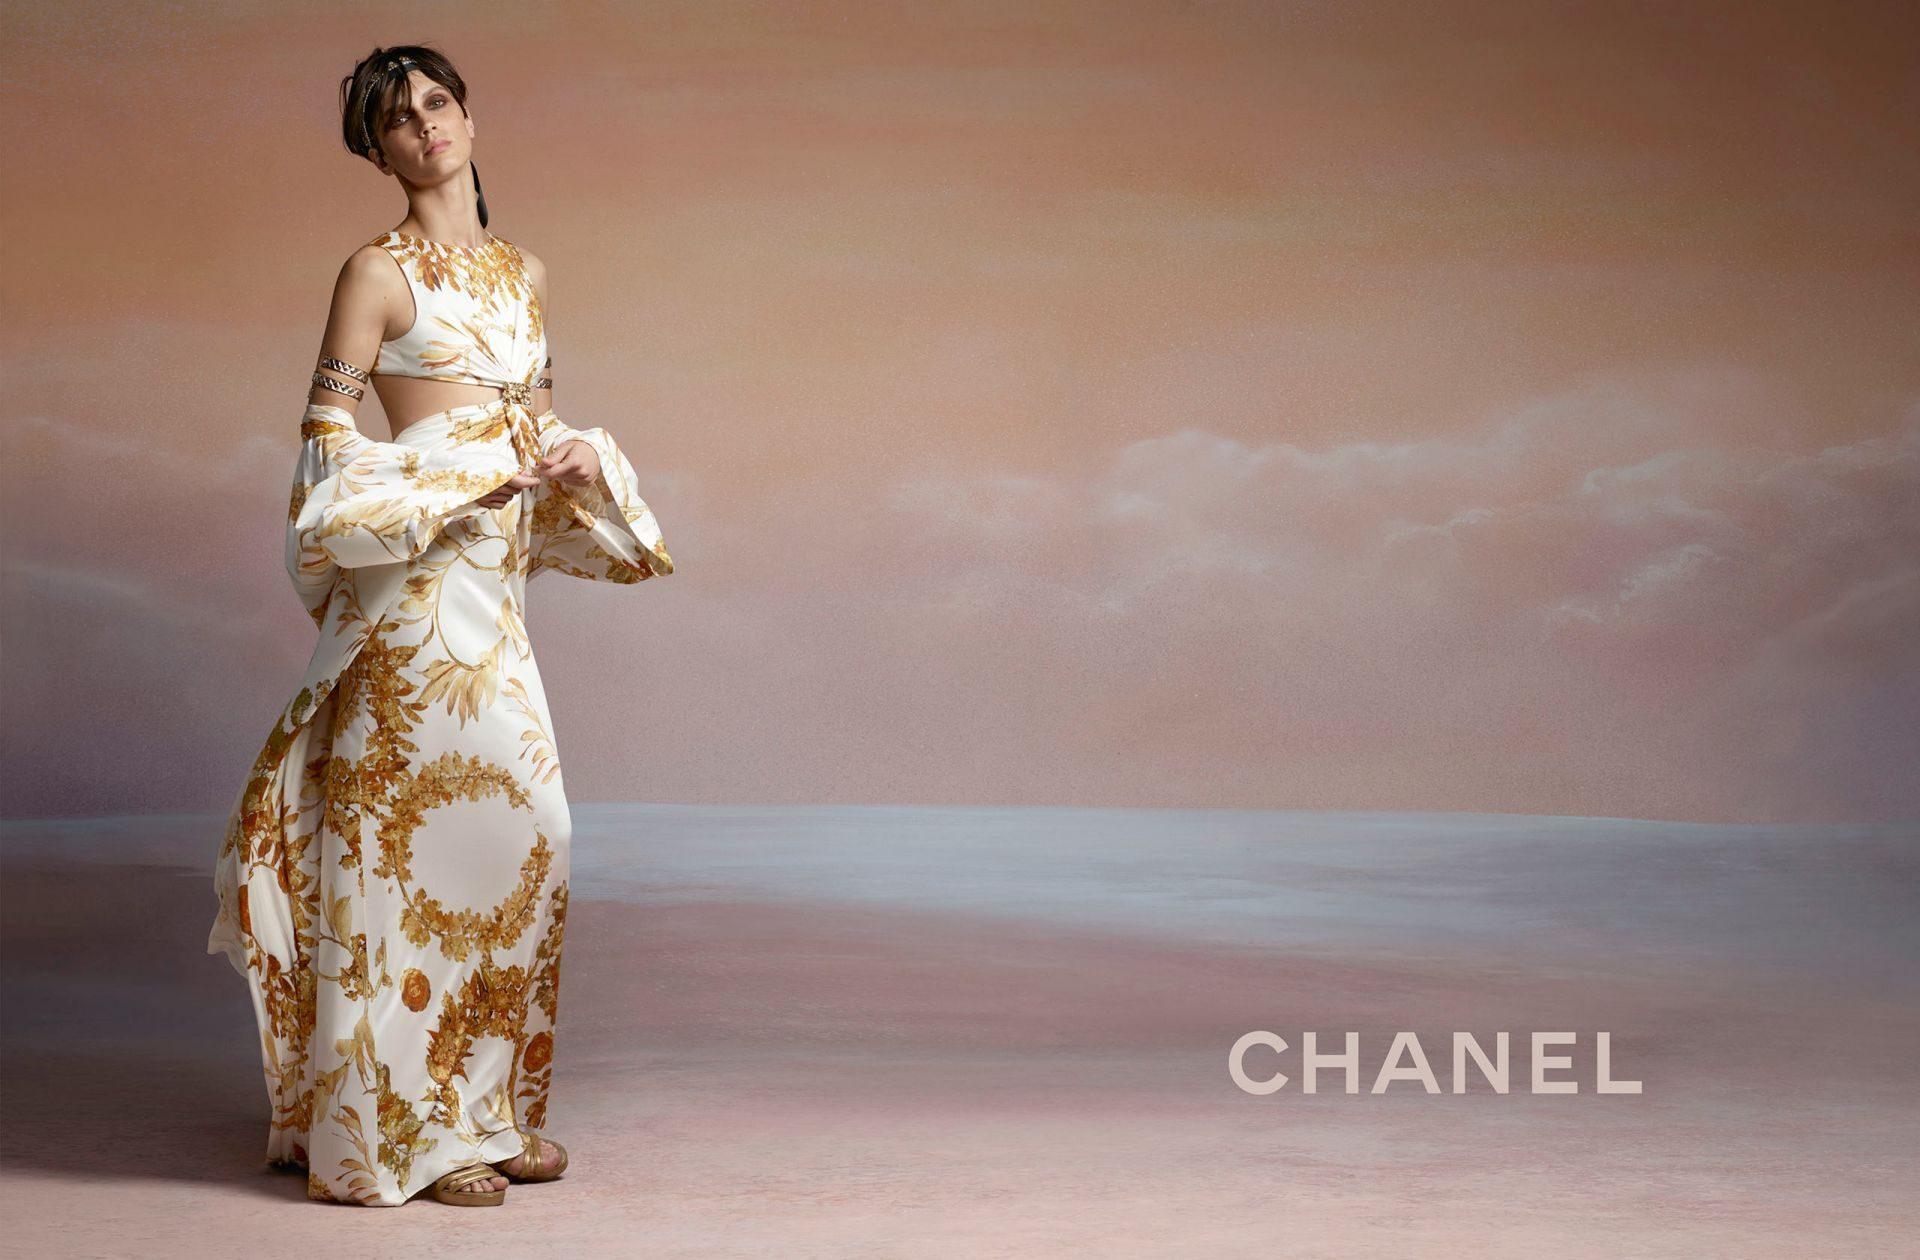 Chanel-resort-2018-ad-campaign-06